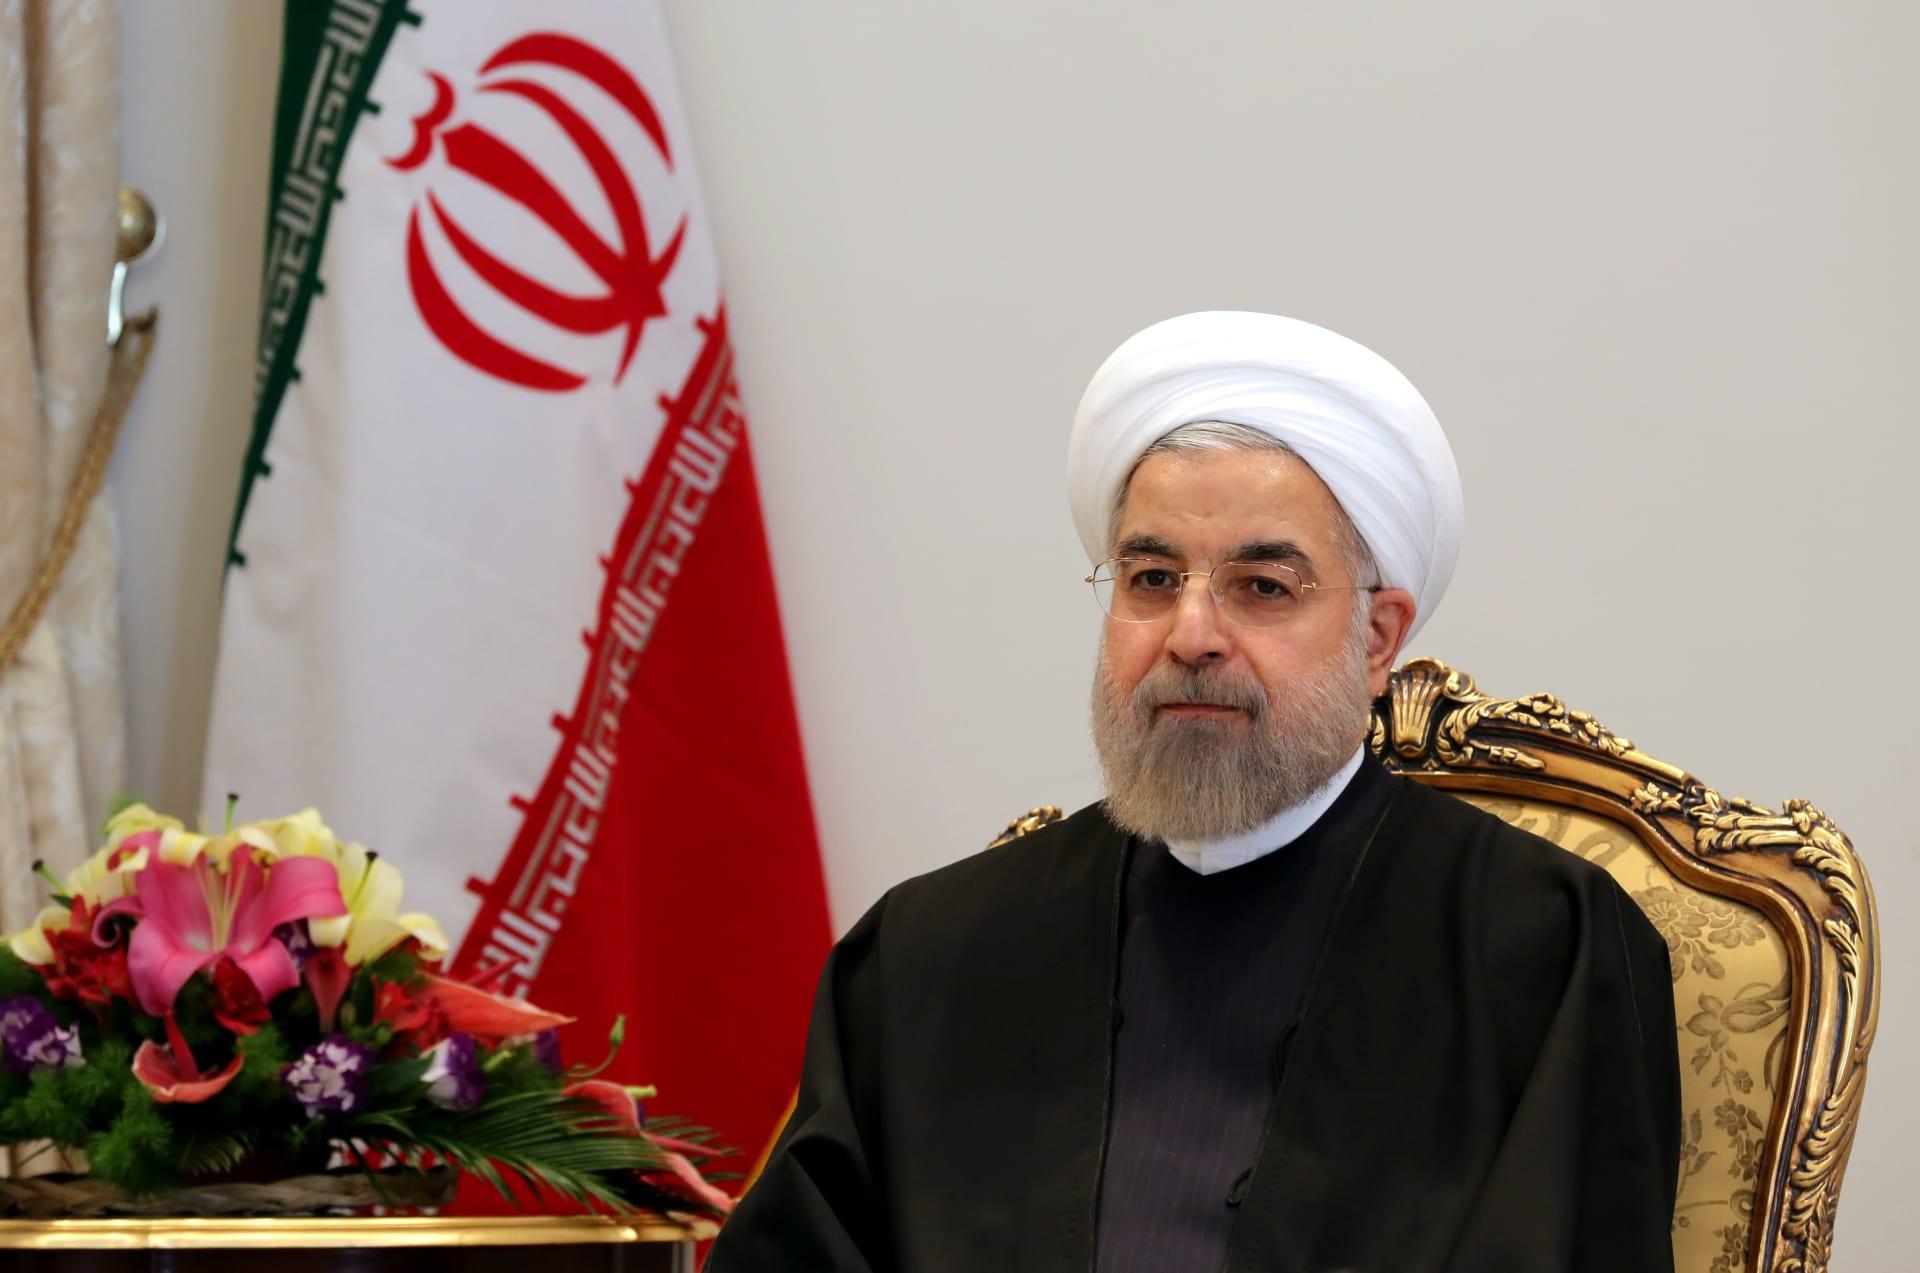 روحاني مخاطبا بومبيو: من أنت لتتخذ القرار بشأن إيران والعالم؟